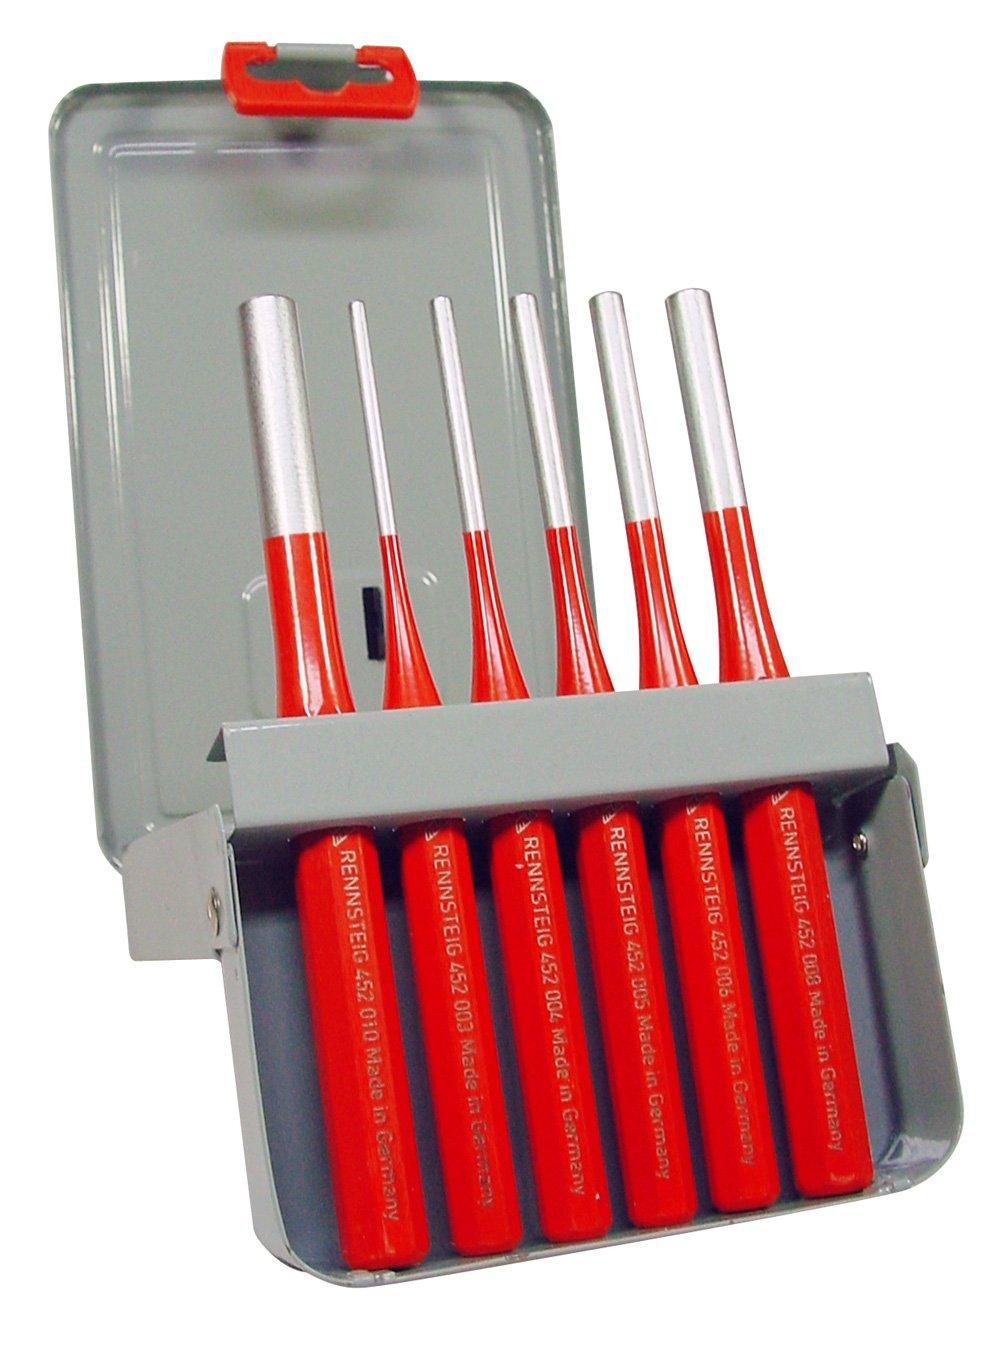 inklusive Metallkassette verchromt und pulverbeschichtet Rennsteig 425 530 6 Splintentreibersatz Exklusive 3-10 mm 6-teilig